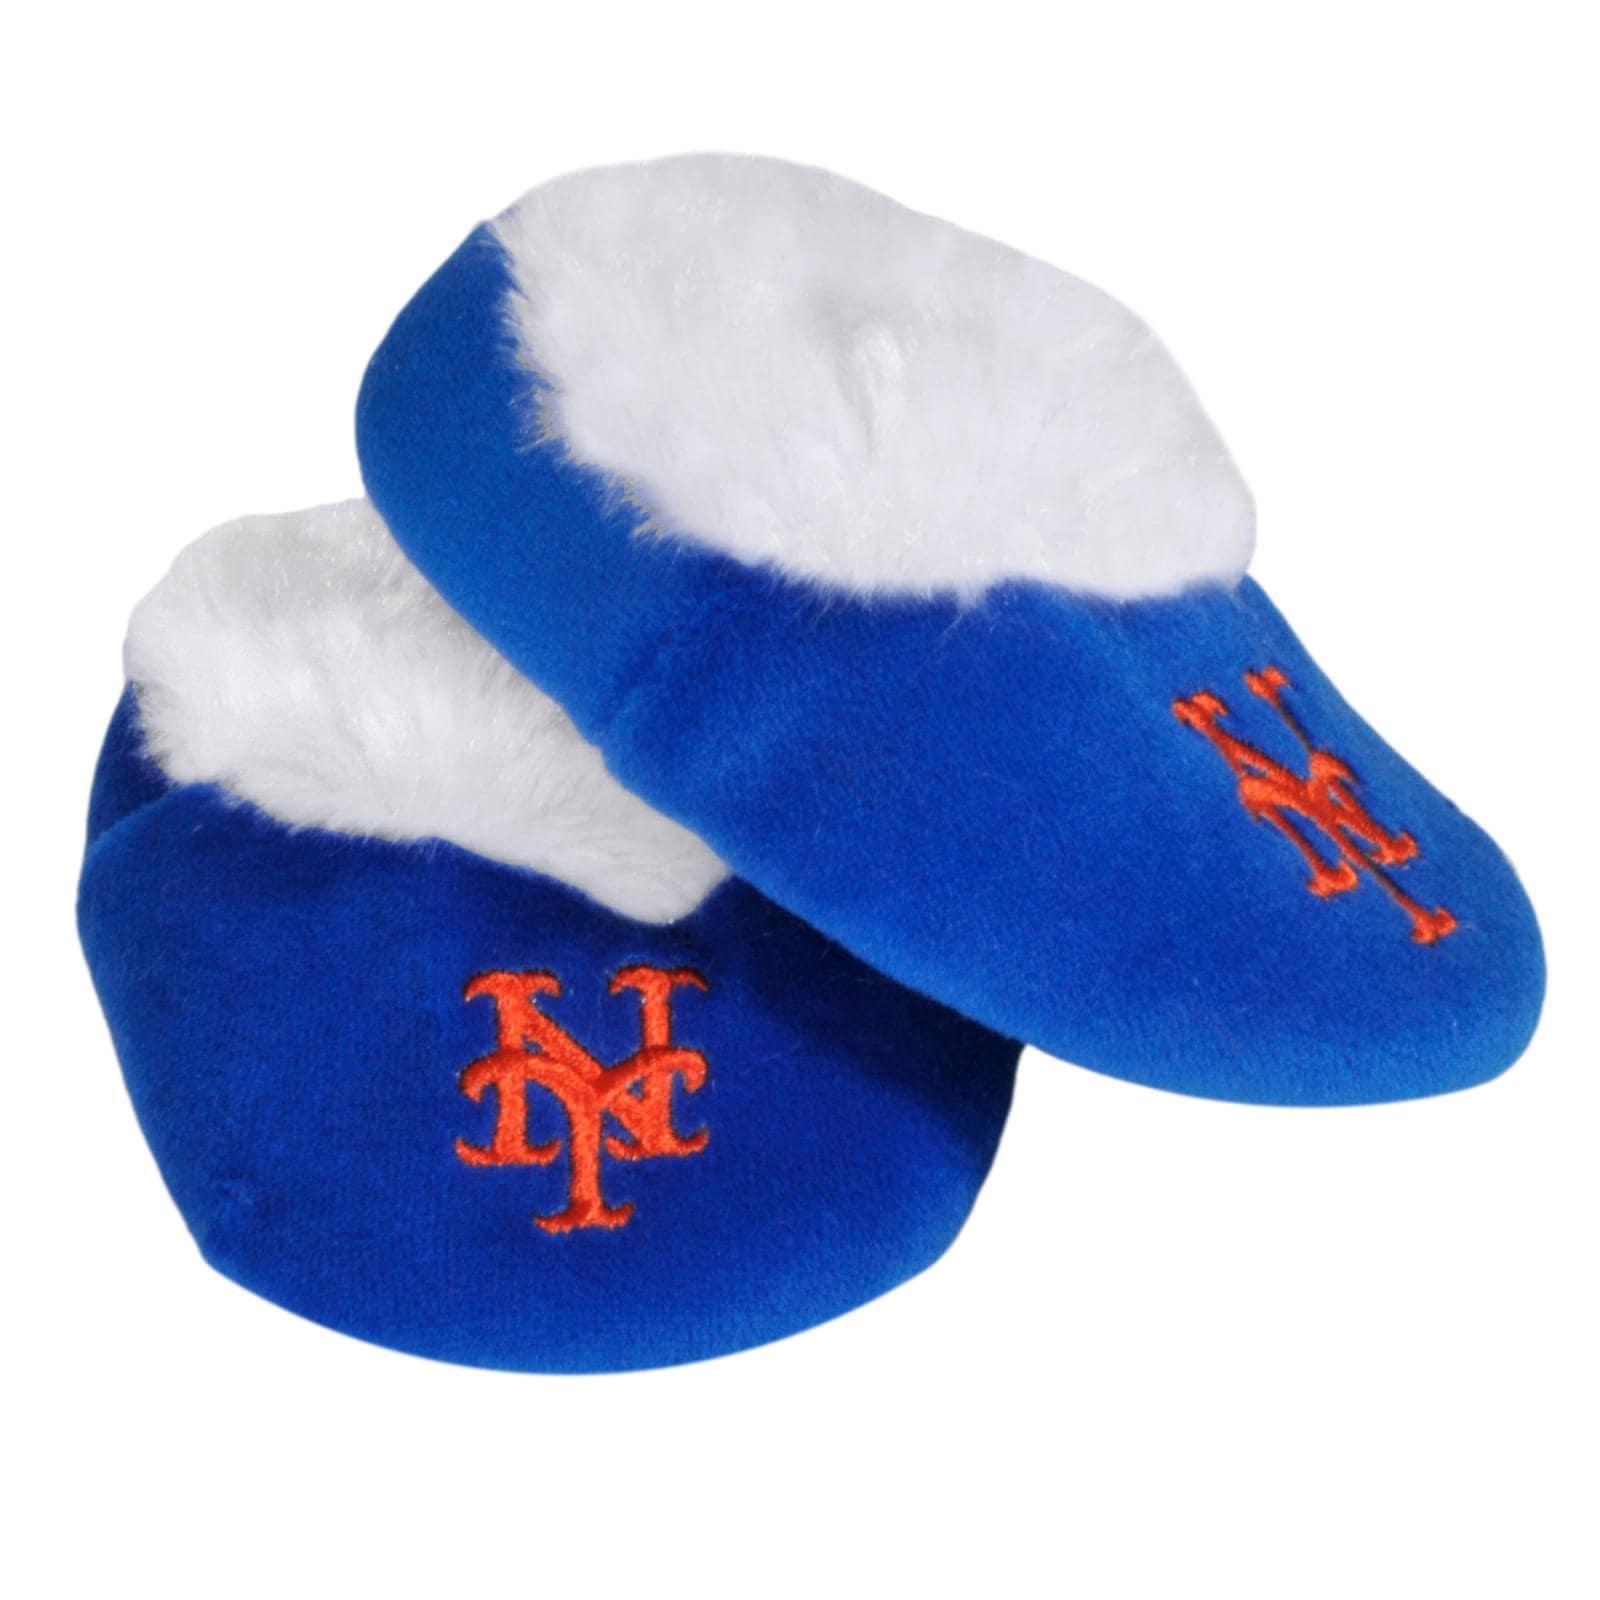 New York Mets Baby Bootie Slippers